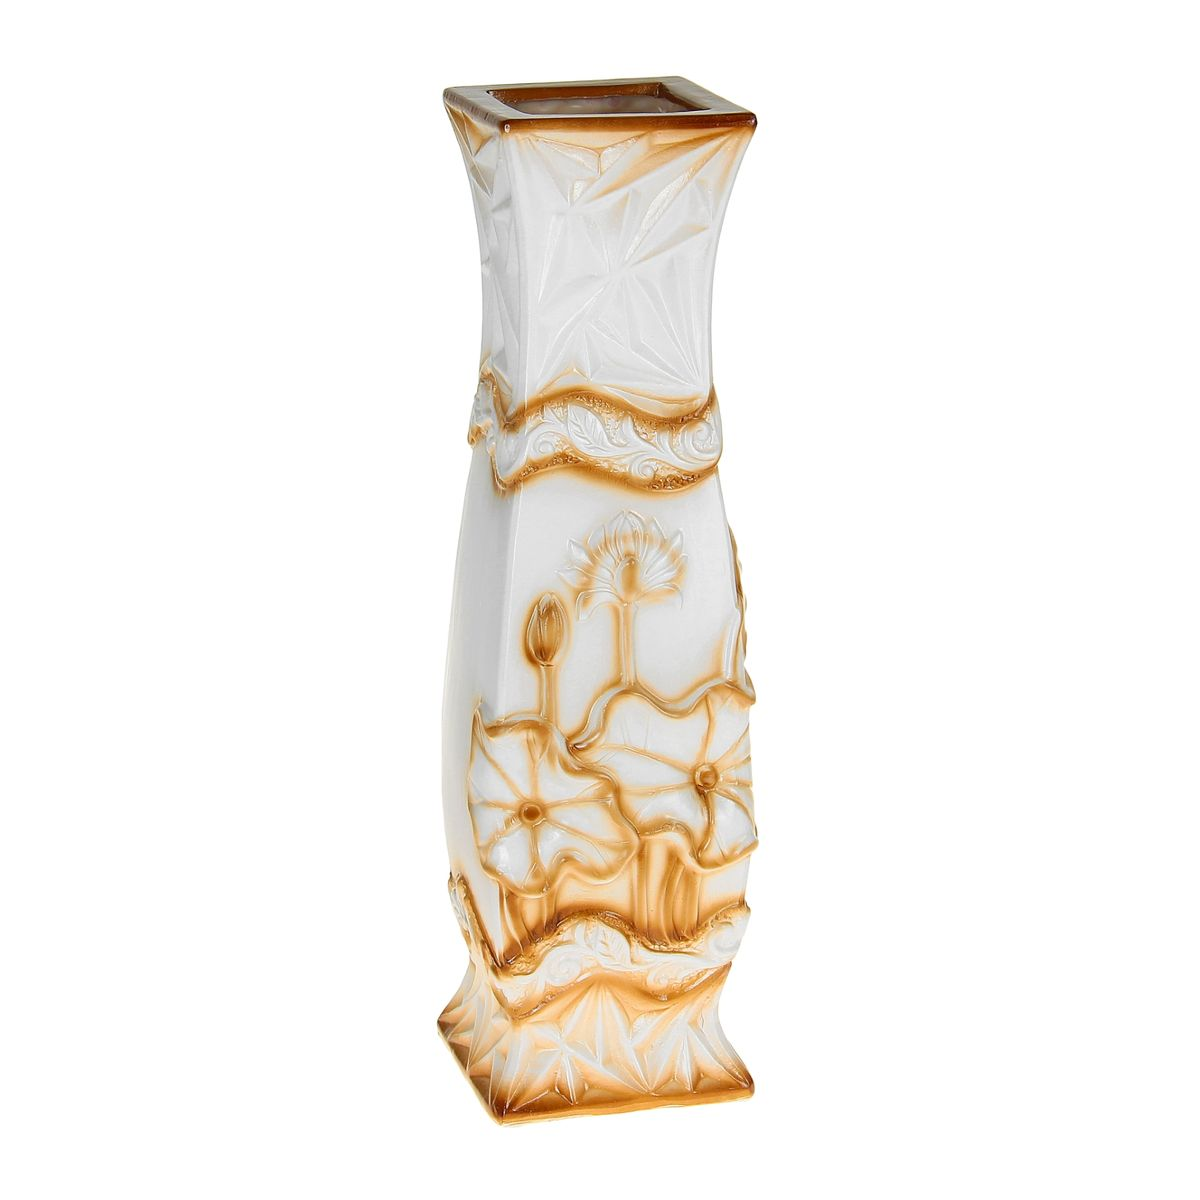 Ваза напольная Sima-land Лотос, высота 60 см36617Напольная ваза Sima-land Лотос, выполненная из керамики, станет изысканным украшением интерьера. Она предназначена как для живых, так и для искусственных цветов. Интересная форма и необычное оформление сделают эту вазу замечательным украшением интерьера. Любое помещение выглядит незавершенным без правильно расположенных предметов интерьера. Они помогают создать уют, расставить акценты, подчеркнуть достоинства или скрыть недостатки.